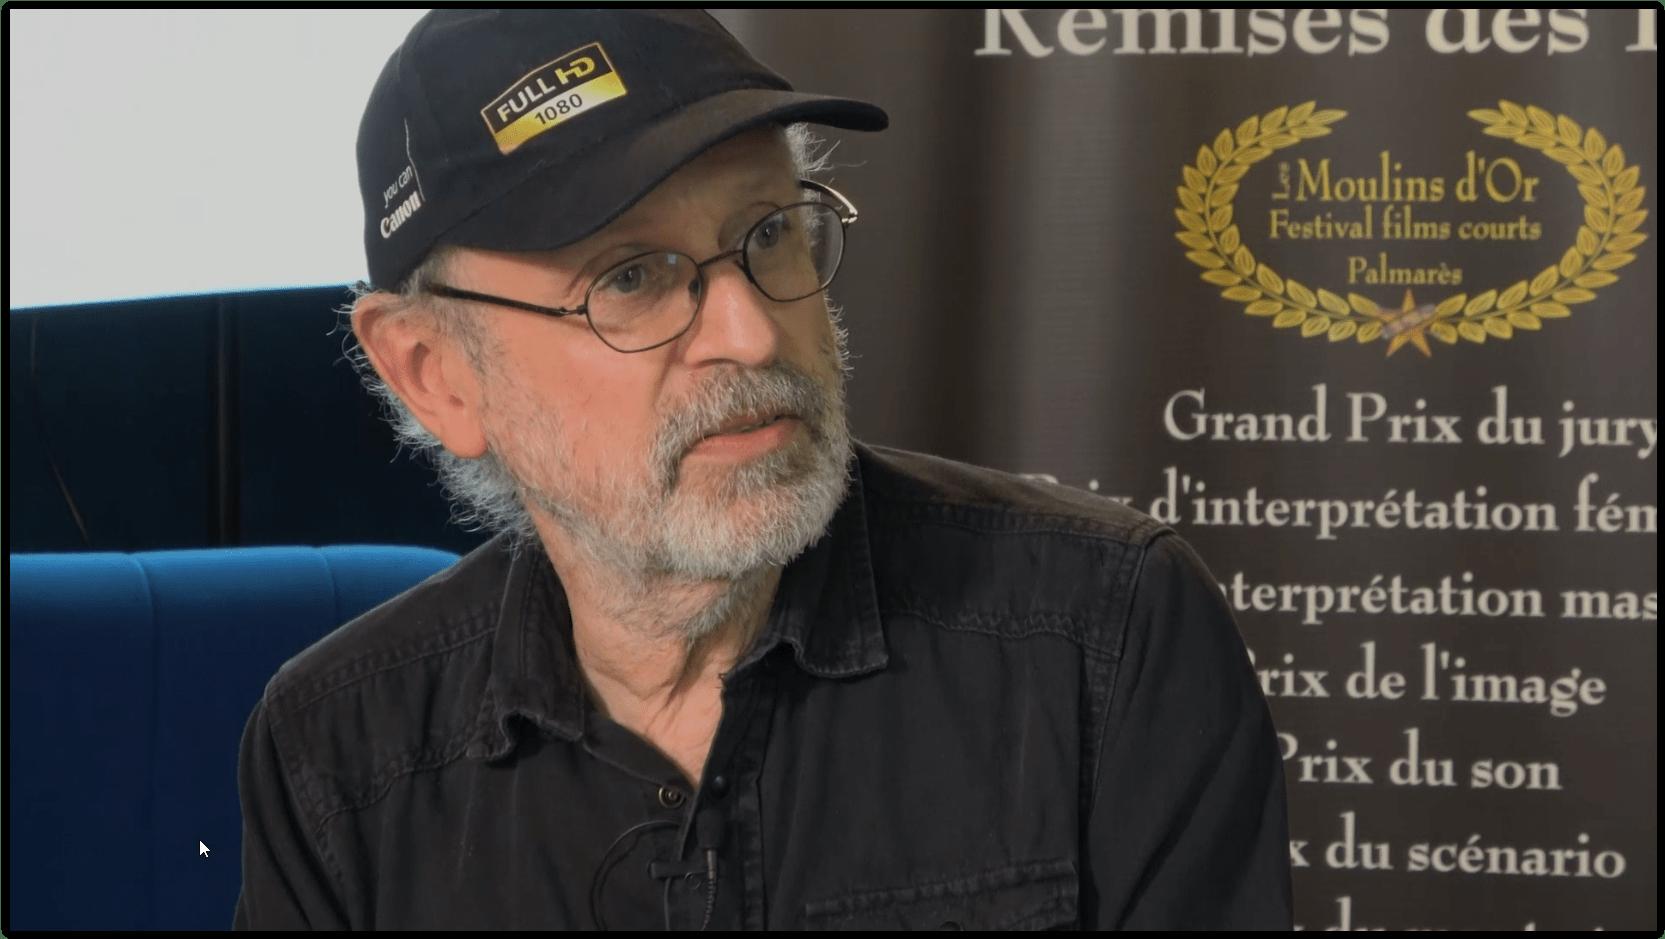 Festival de Films Courts Les Moulins d\'Or 2020 palmares08